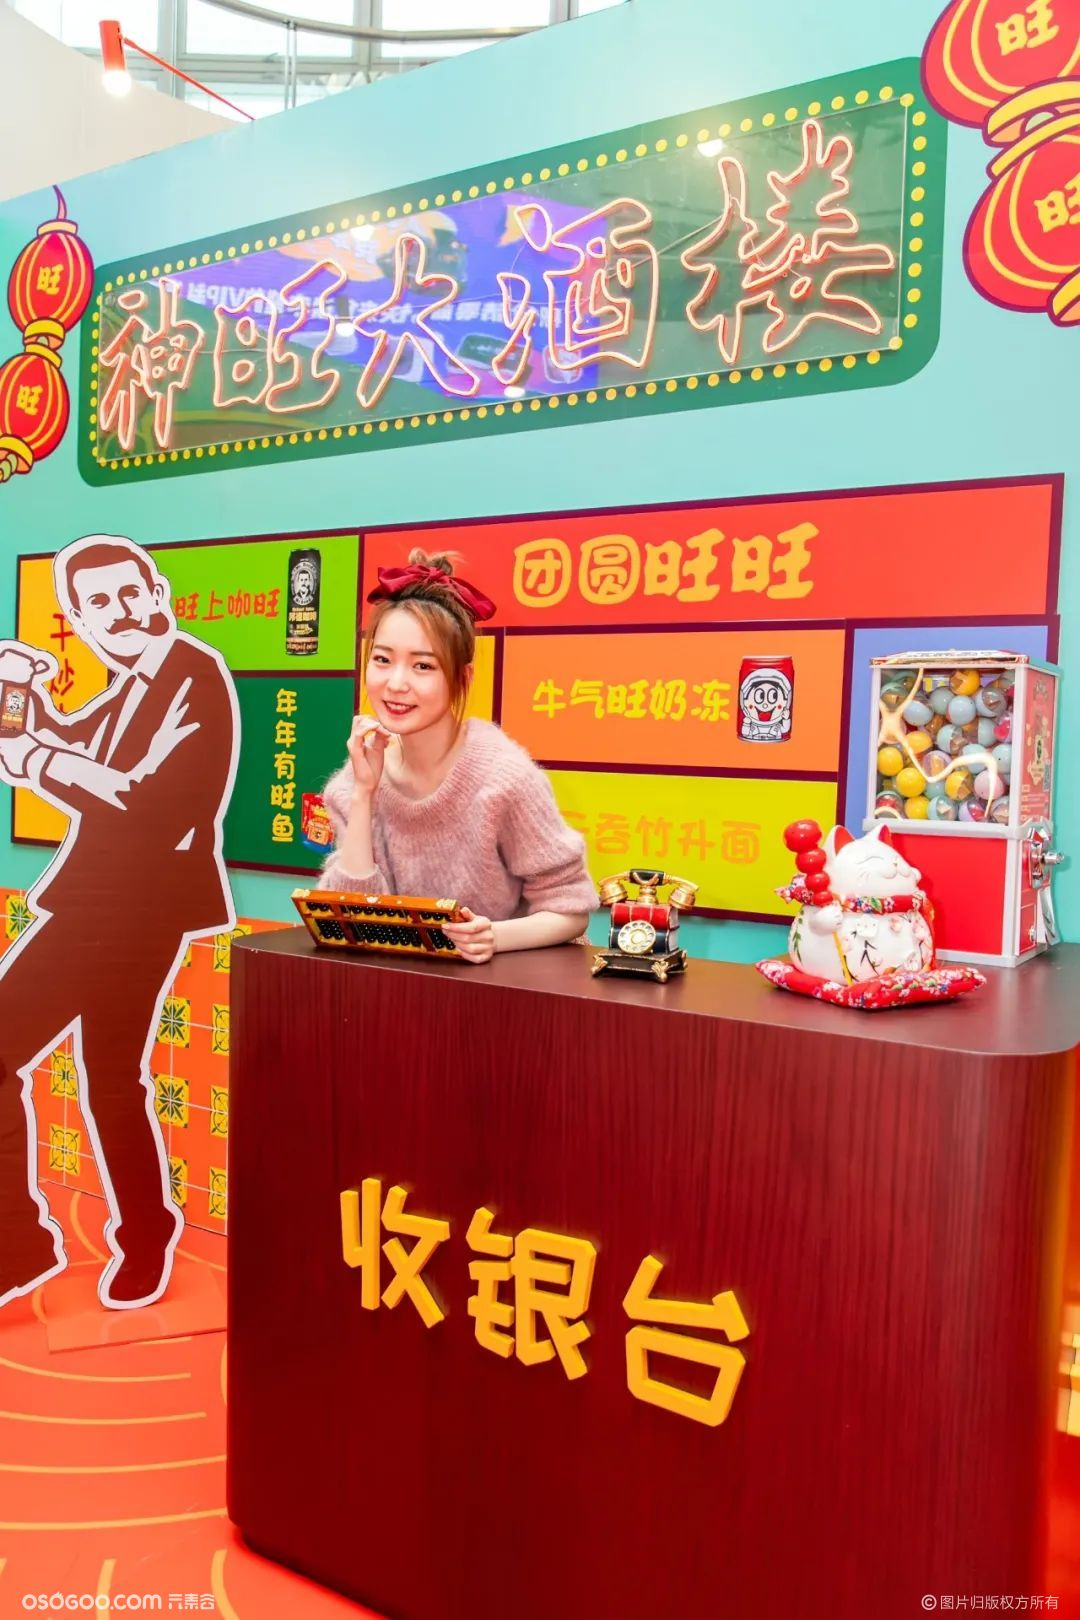 """""""新年就要旺"""" 旺旺春节主题展览"""